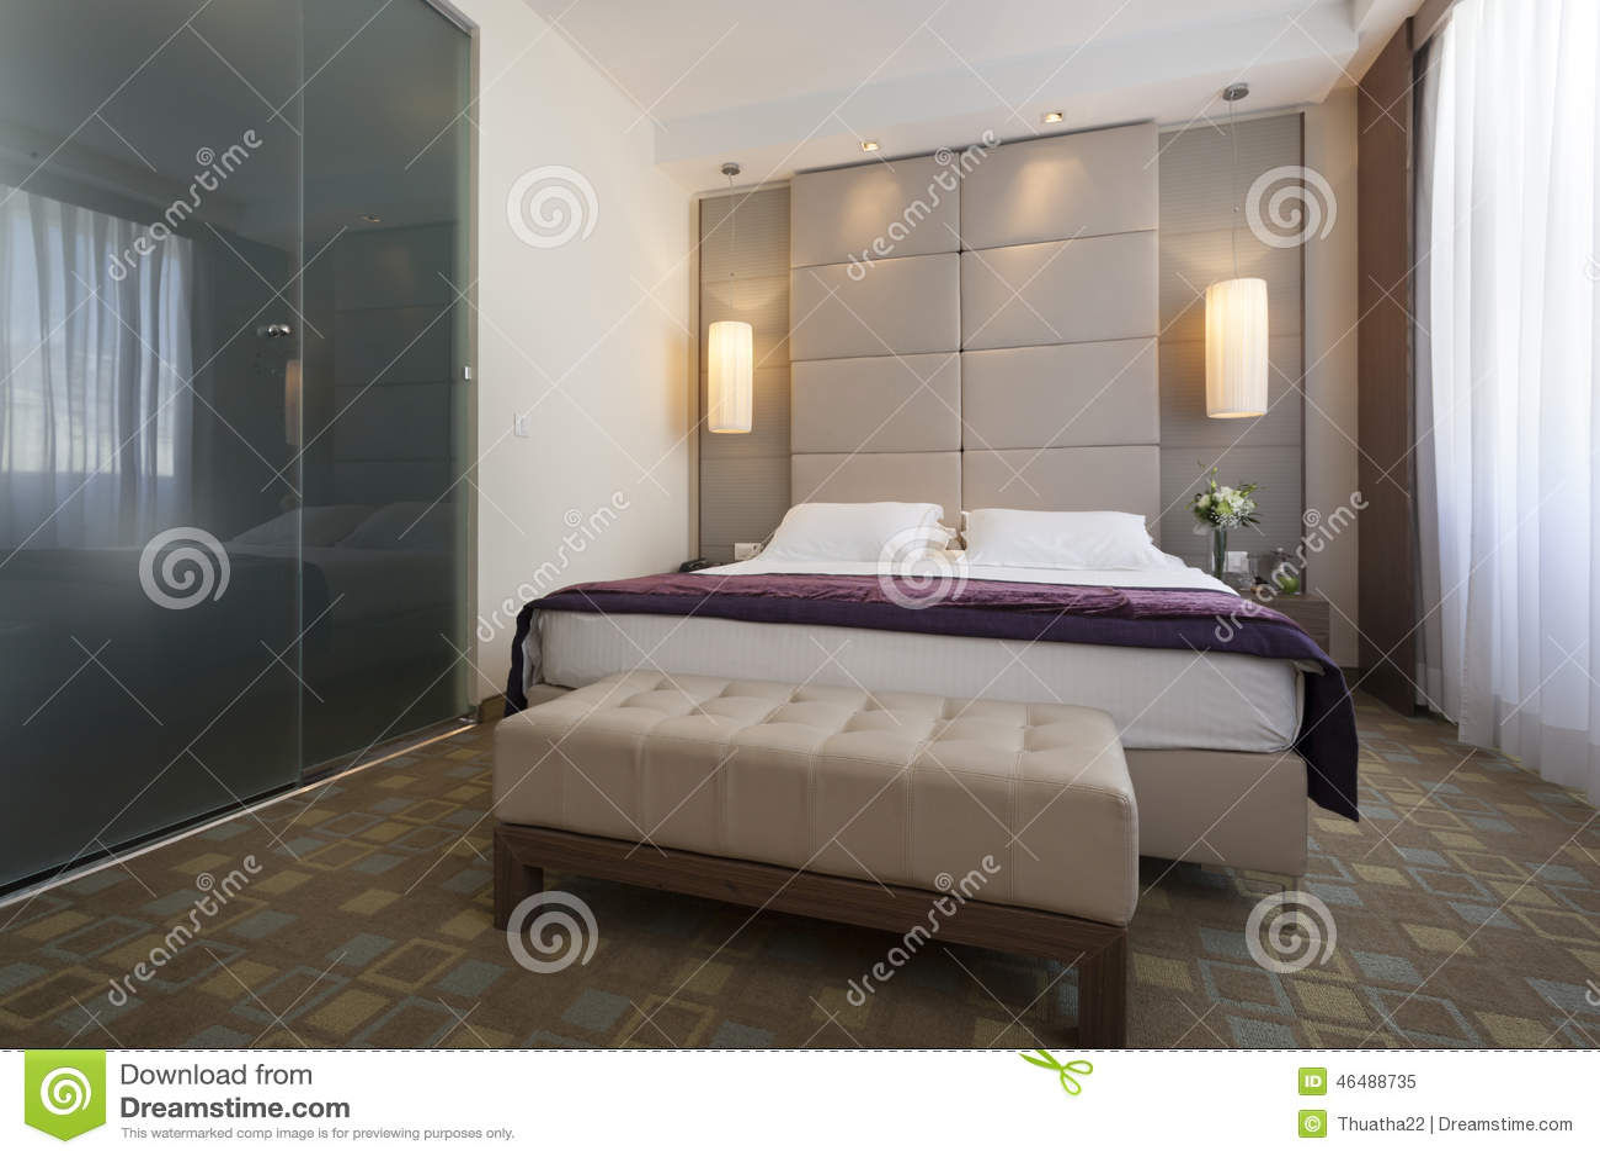 Int rieur d 39 une chambre coucher d 39 h tel de luxe avec la for Chambre de 12m2 avec salle de bain